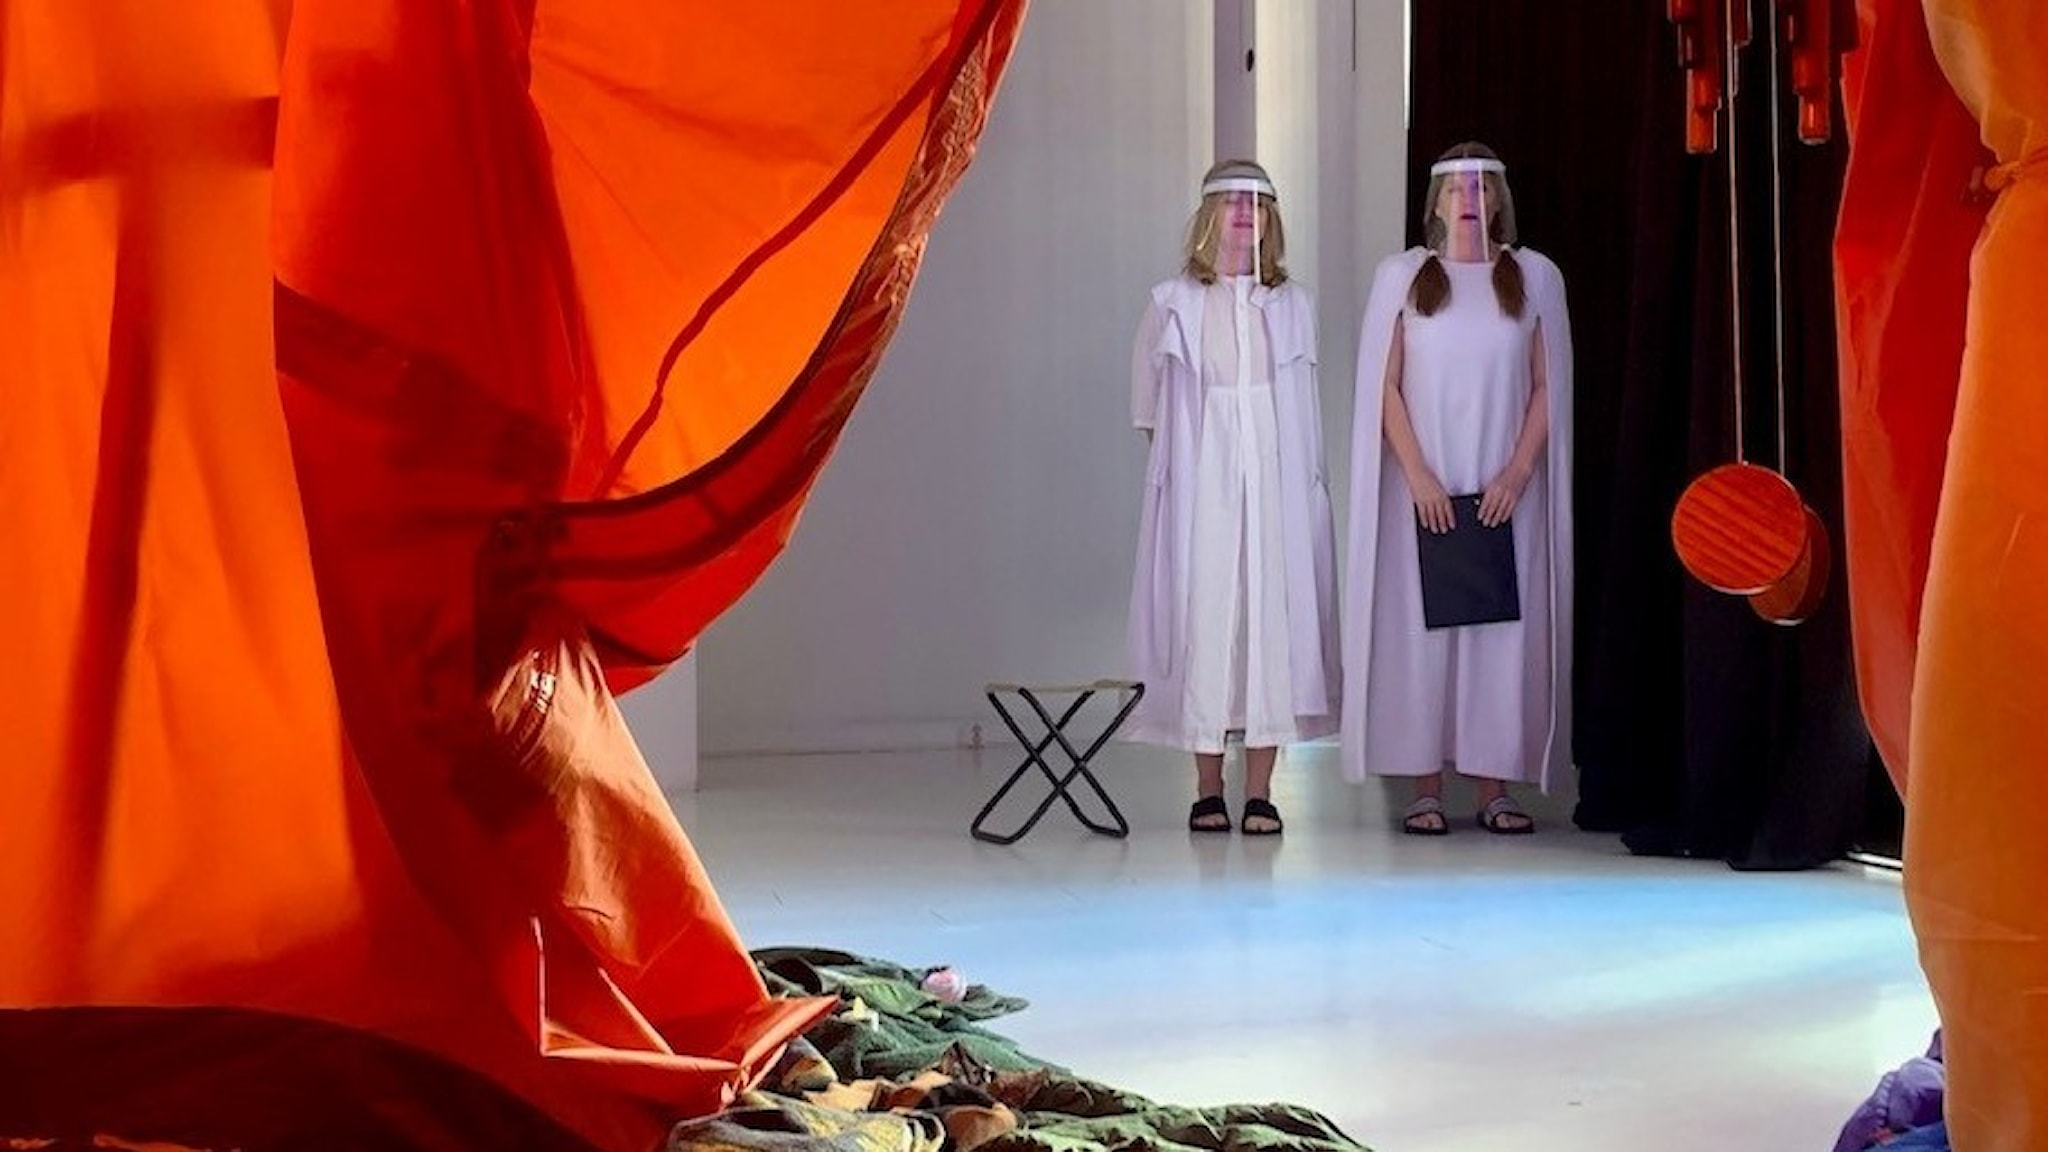 Joanna Wingren och Sonja Ahlfors Joanna Wingren bildar tillsammans  teatergruppen Blaue Frau. Här syns de i ett tält från sin föreställning klädda i coronaskyddande visir.